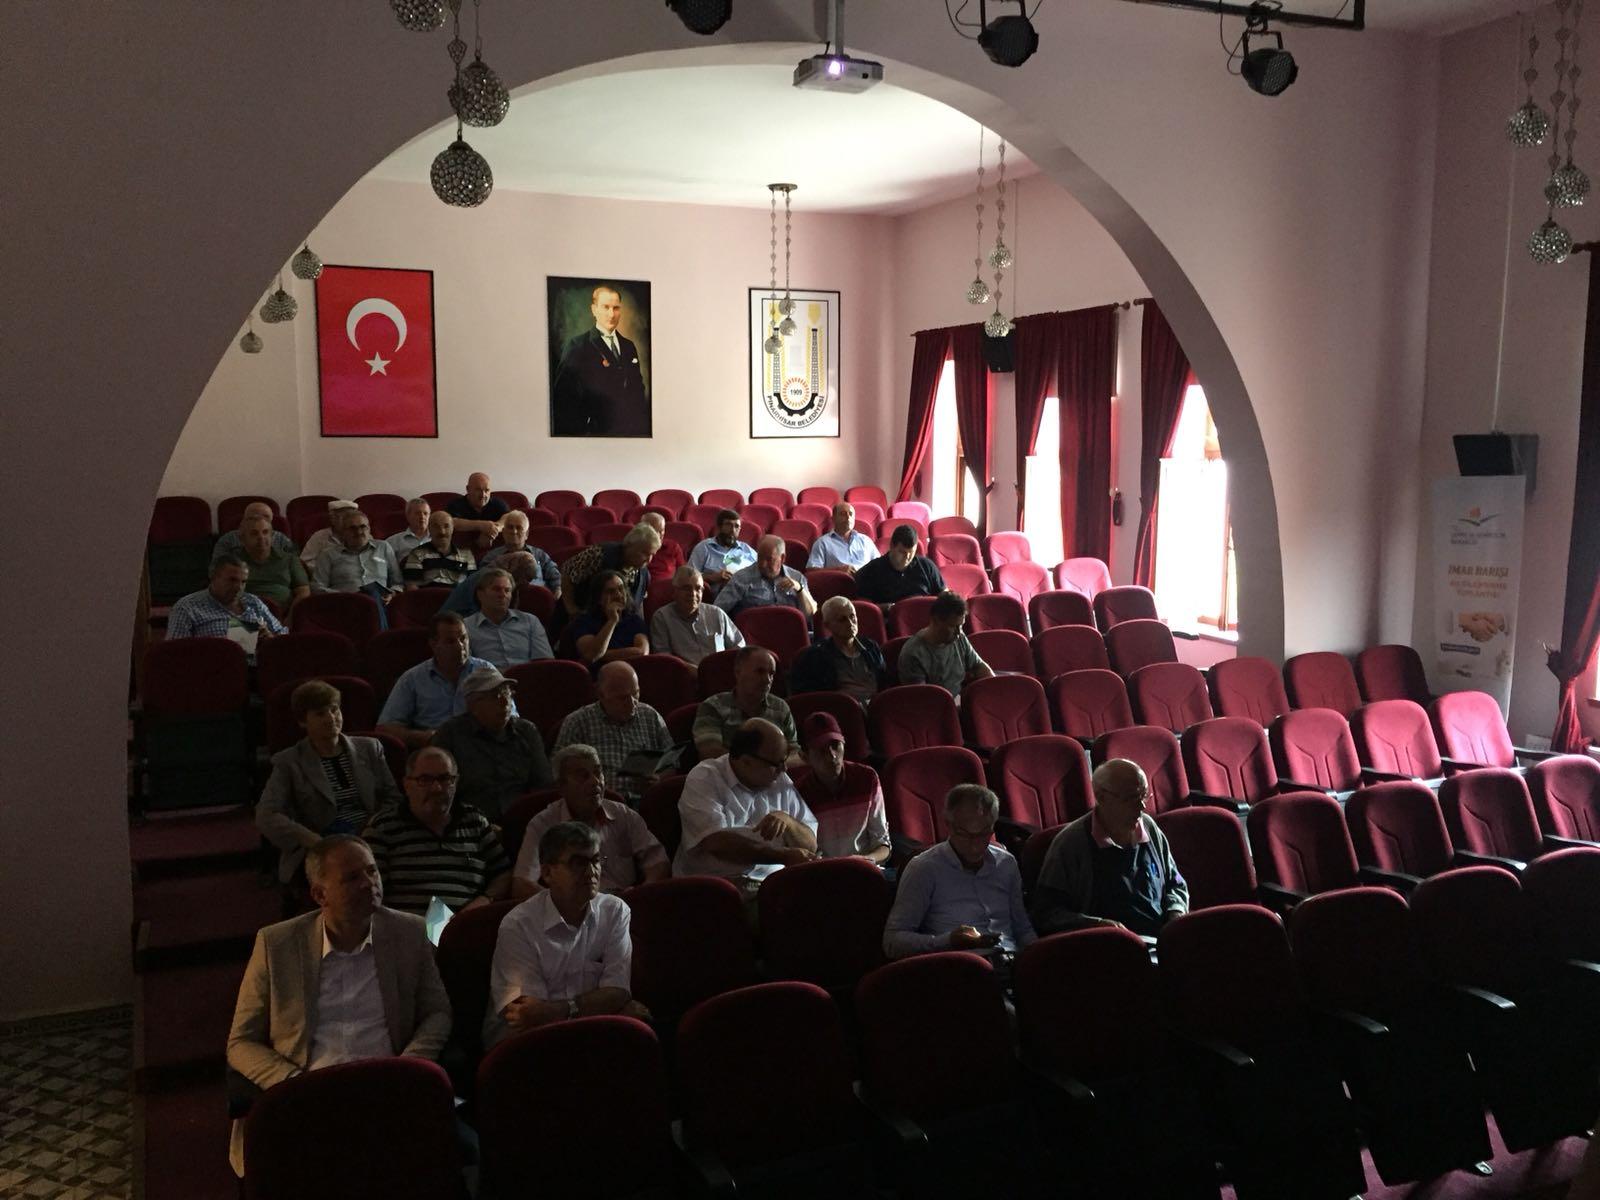 İmar Barışı Pınarhisar Bilgilendirme Toplantısıİl Müdürlüğümüz Personelince Gerçekleştirilmiştir.